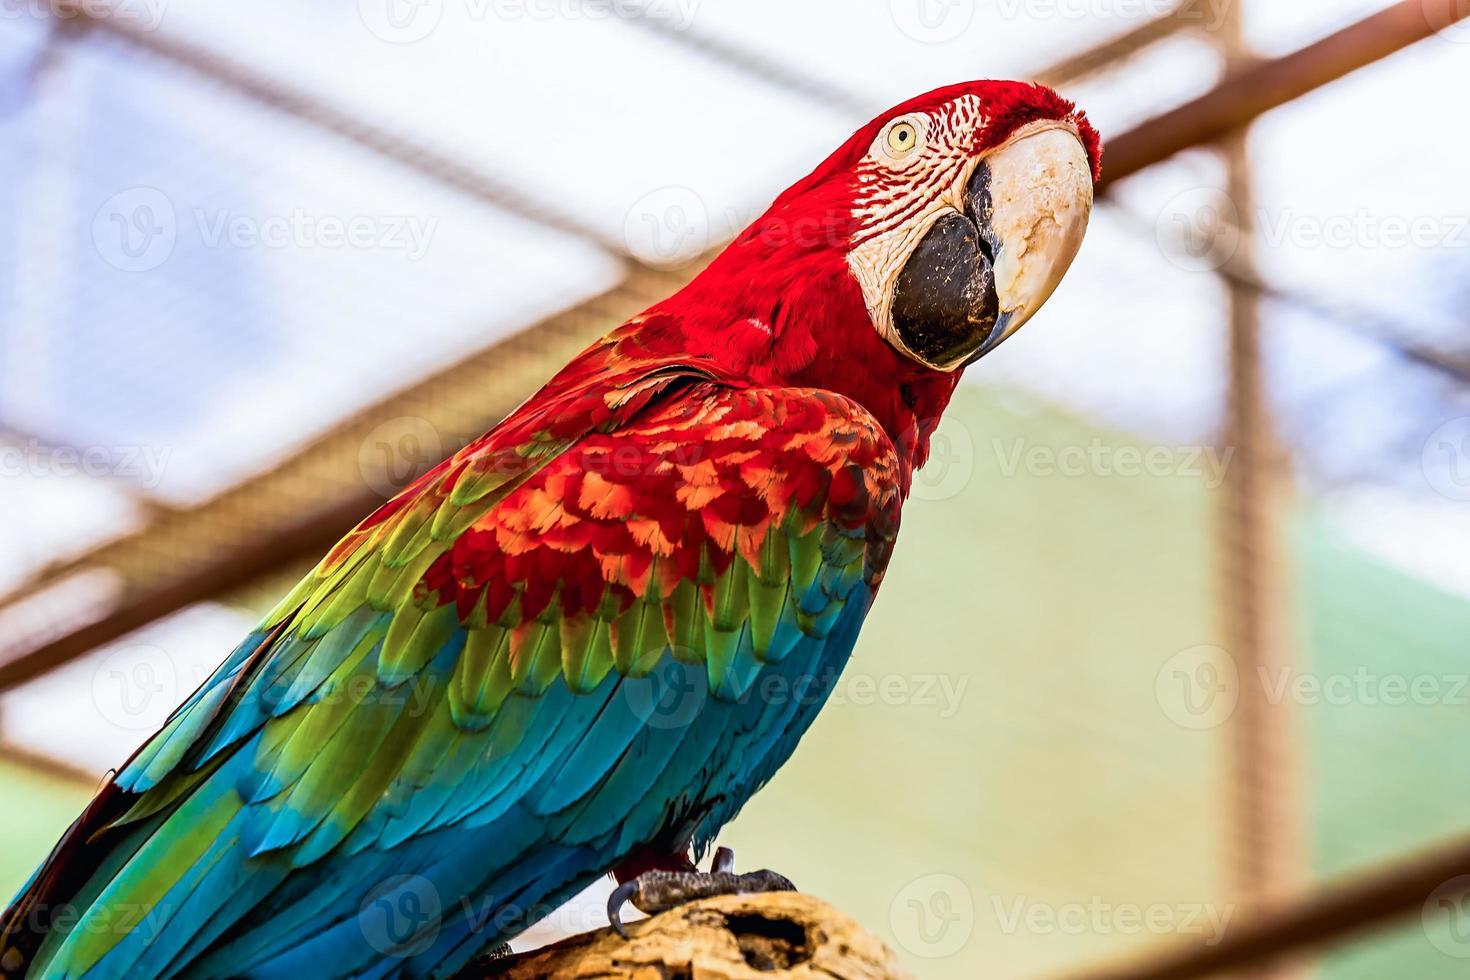 papagaio arara vermelha ou ara cacatuas foto